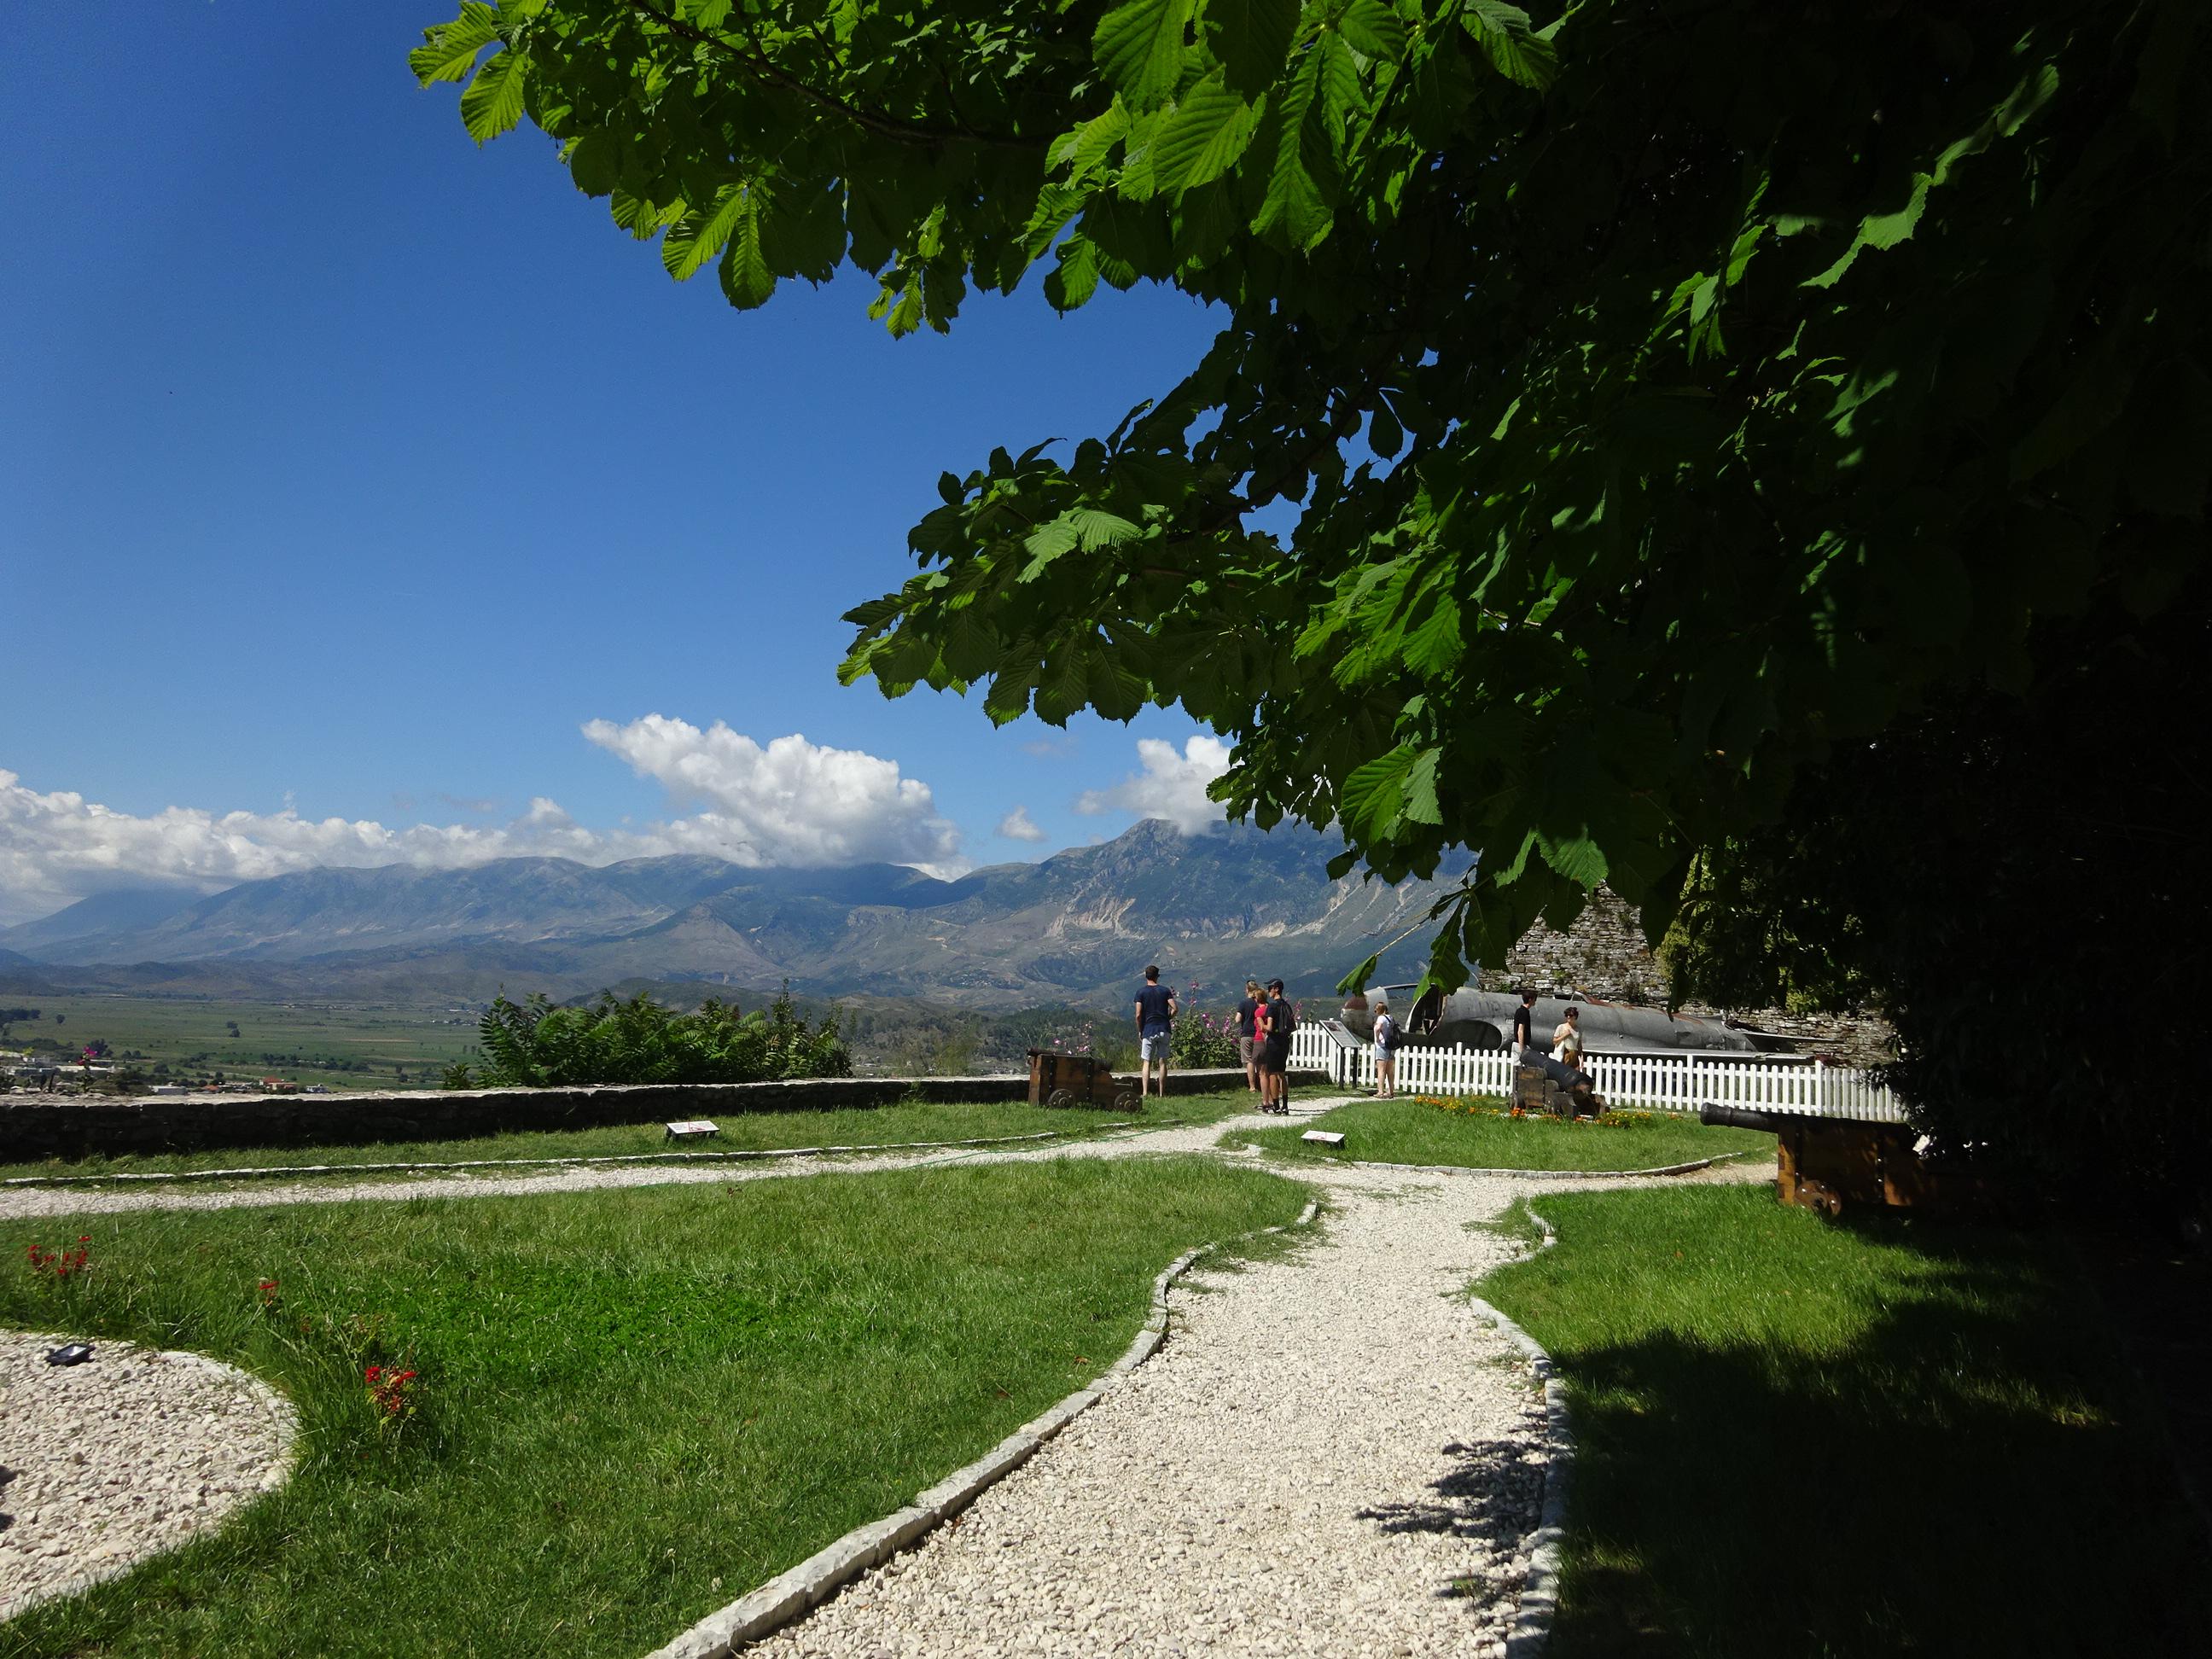 アルバニアの観光ではハズせないジロカストラ城の景色